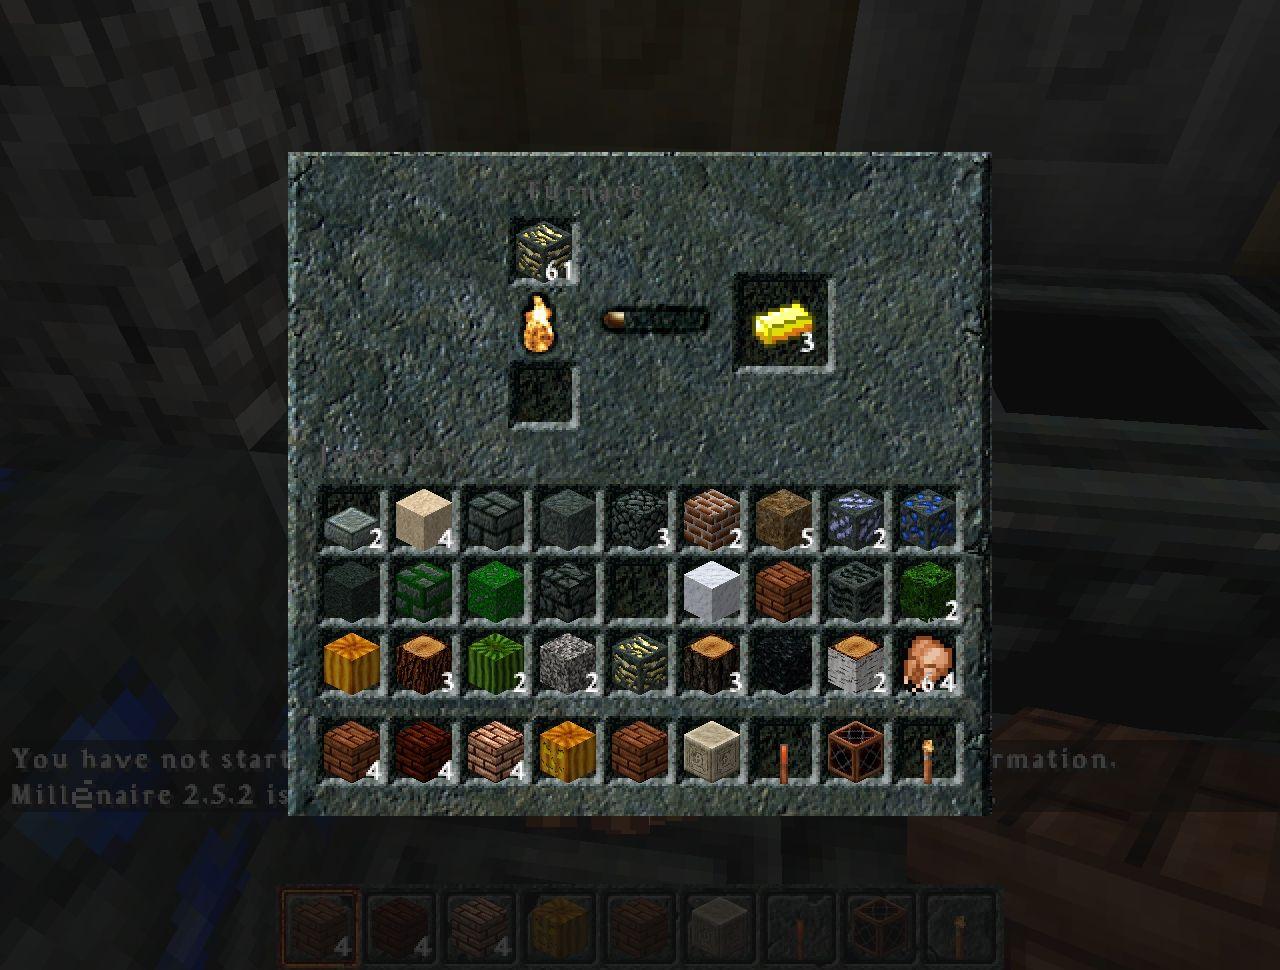 http://minecraft-forum.net/wp-content/uploads/2013/09/7262c__Baldurs-craft-pack-5.jpg